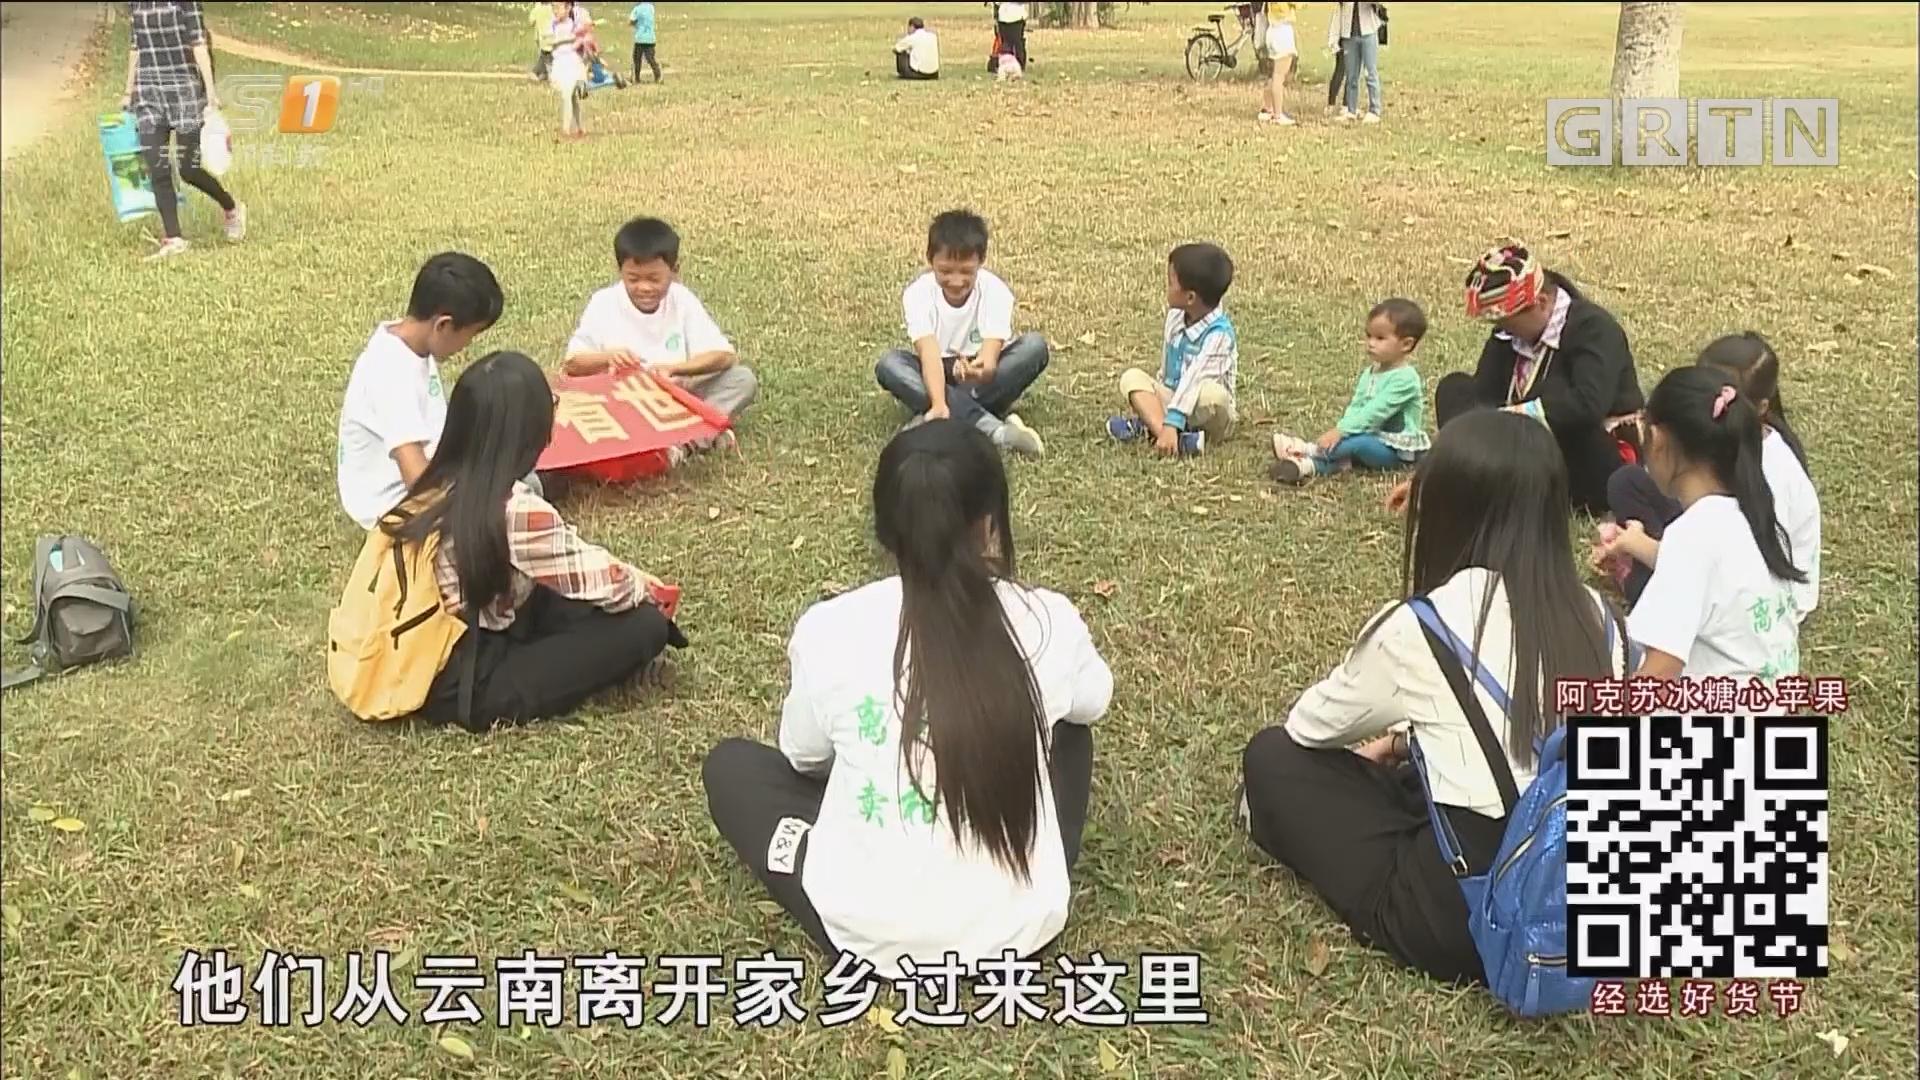 从云南集体到广东种果树 瑶族同胞们的柑桔梦